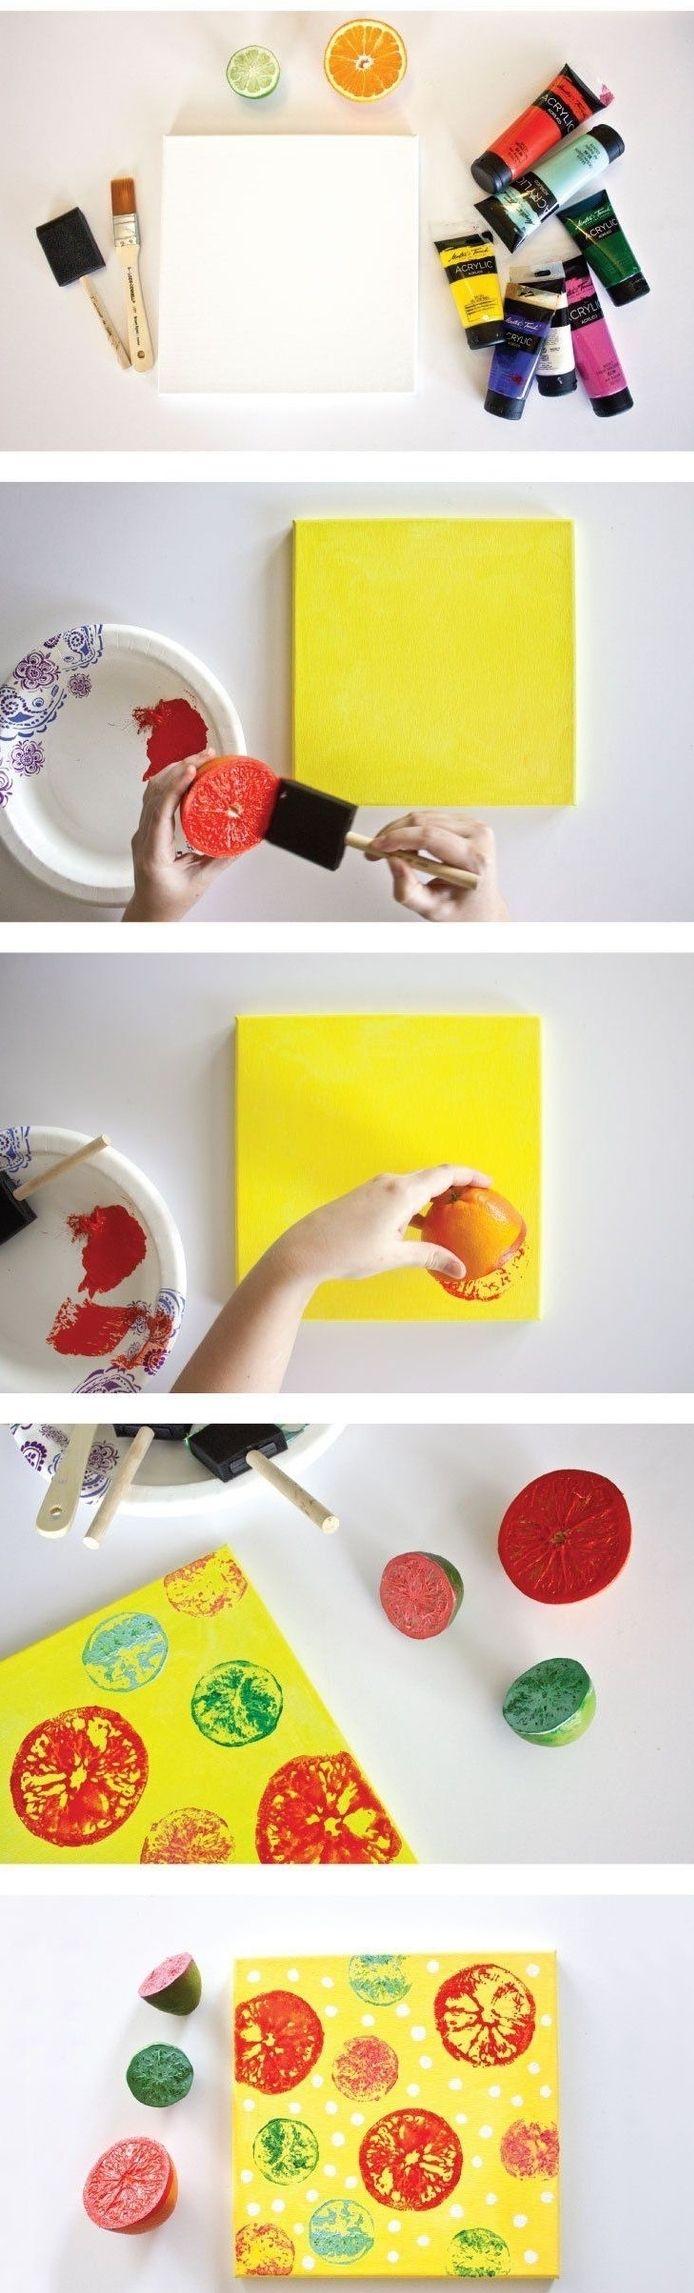 travaux manuels, activité manuelle 2 ans avec du papier coloré et des tampons en agrumes peints